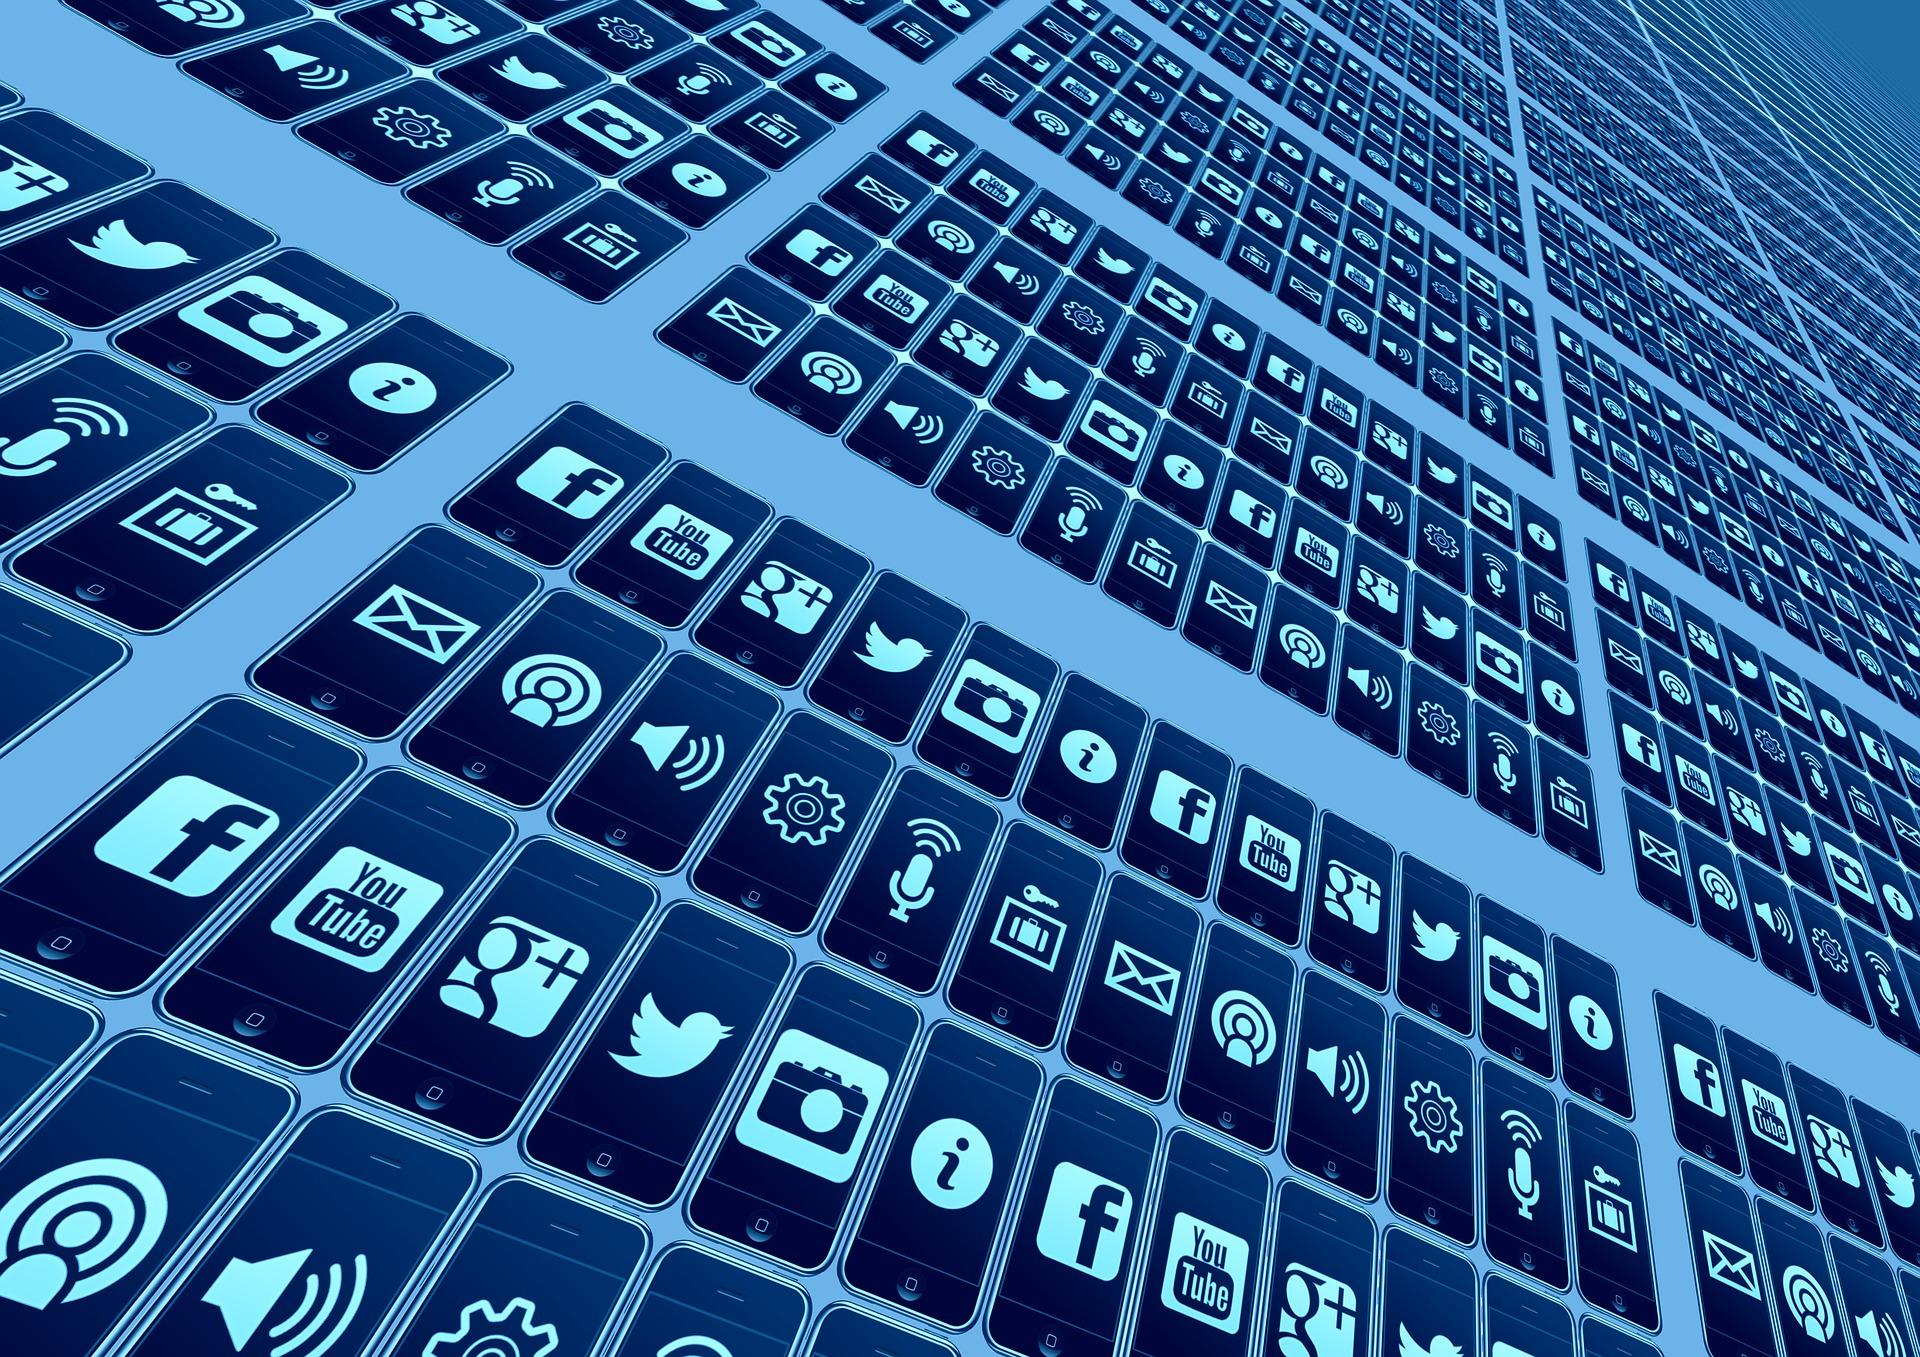 Top social media sites 2020